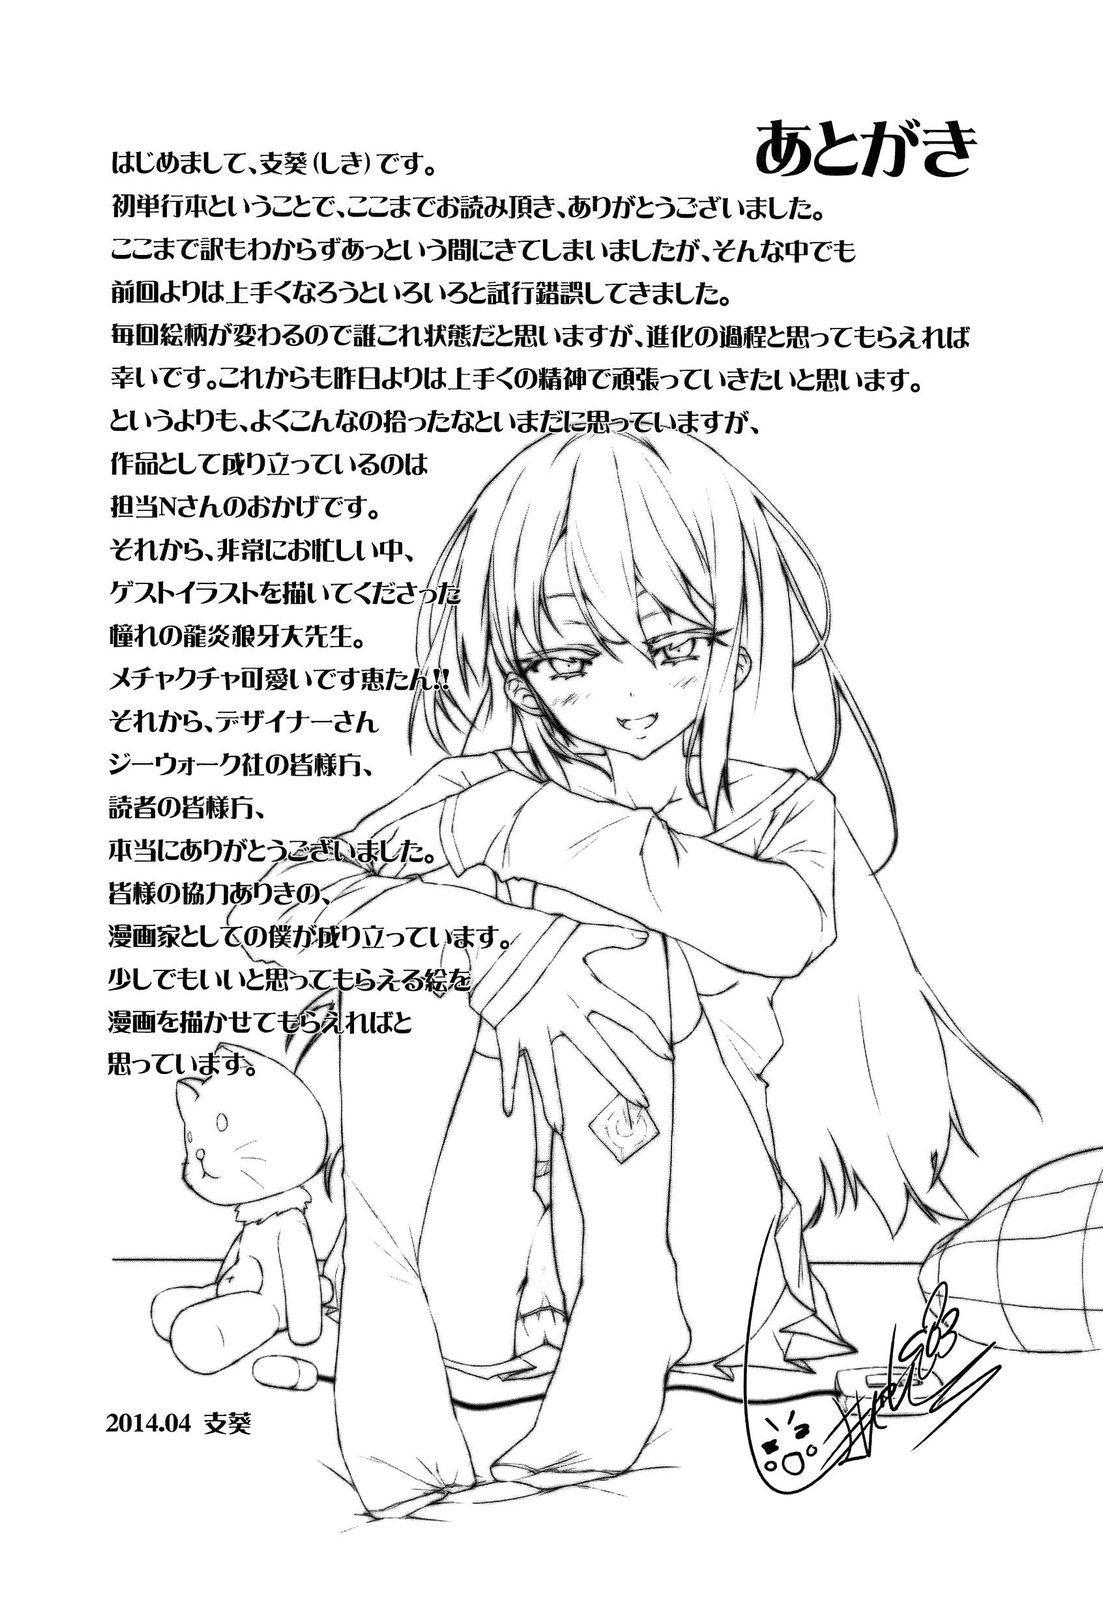 Torokeru Ochipo Milk 182